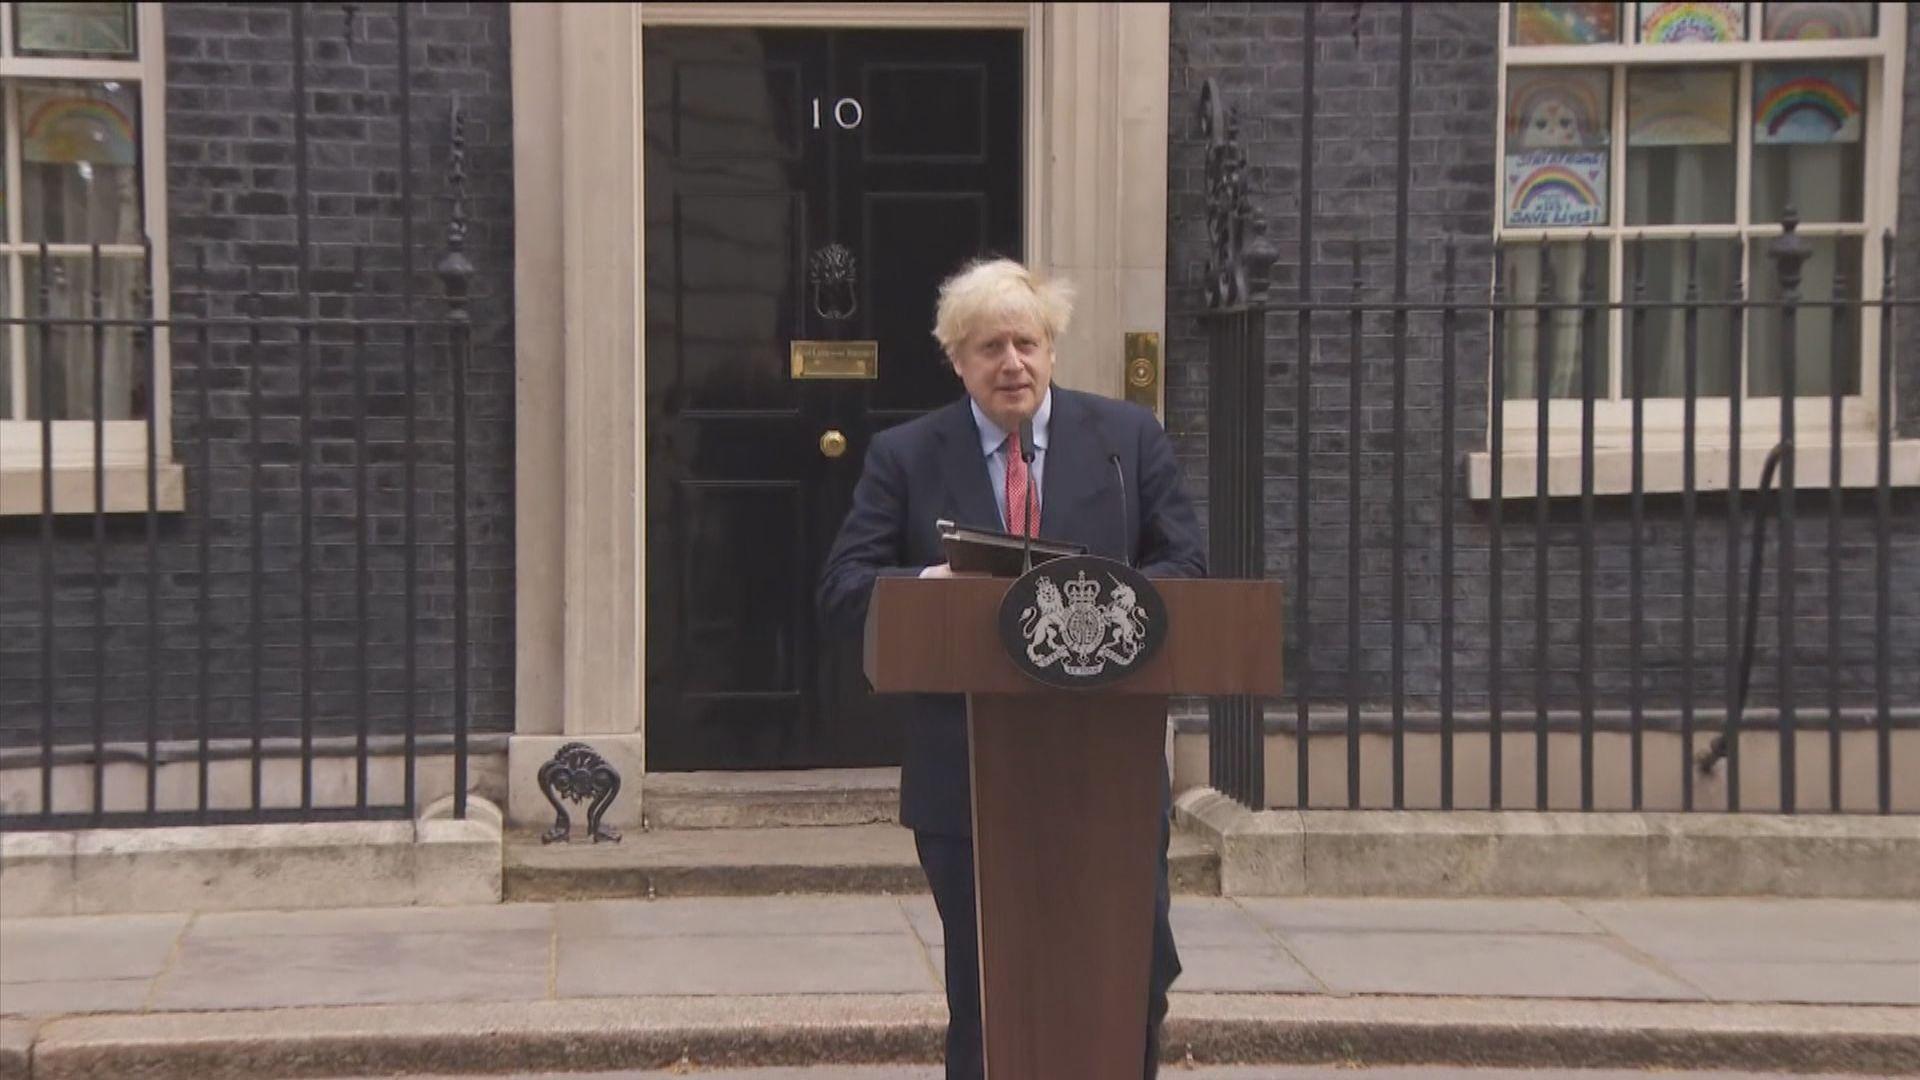 約翰遜康復返回首相府上班 首要處理放寬封鎖措施壓力